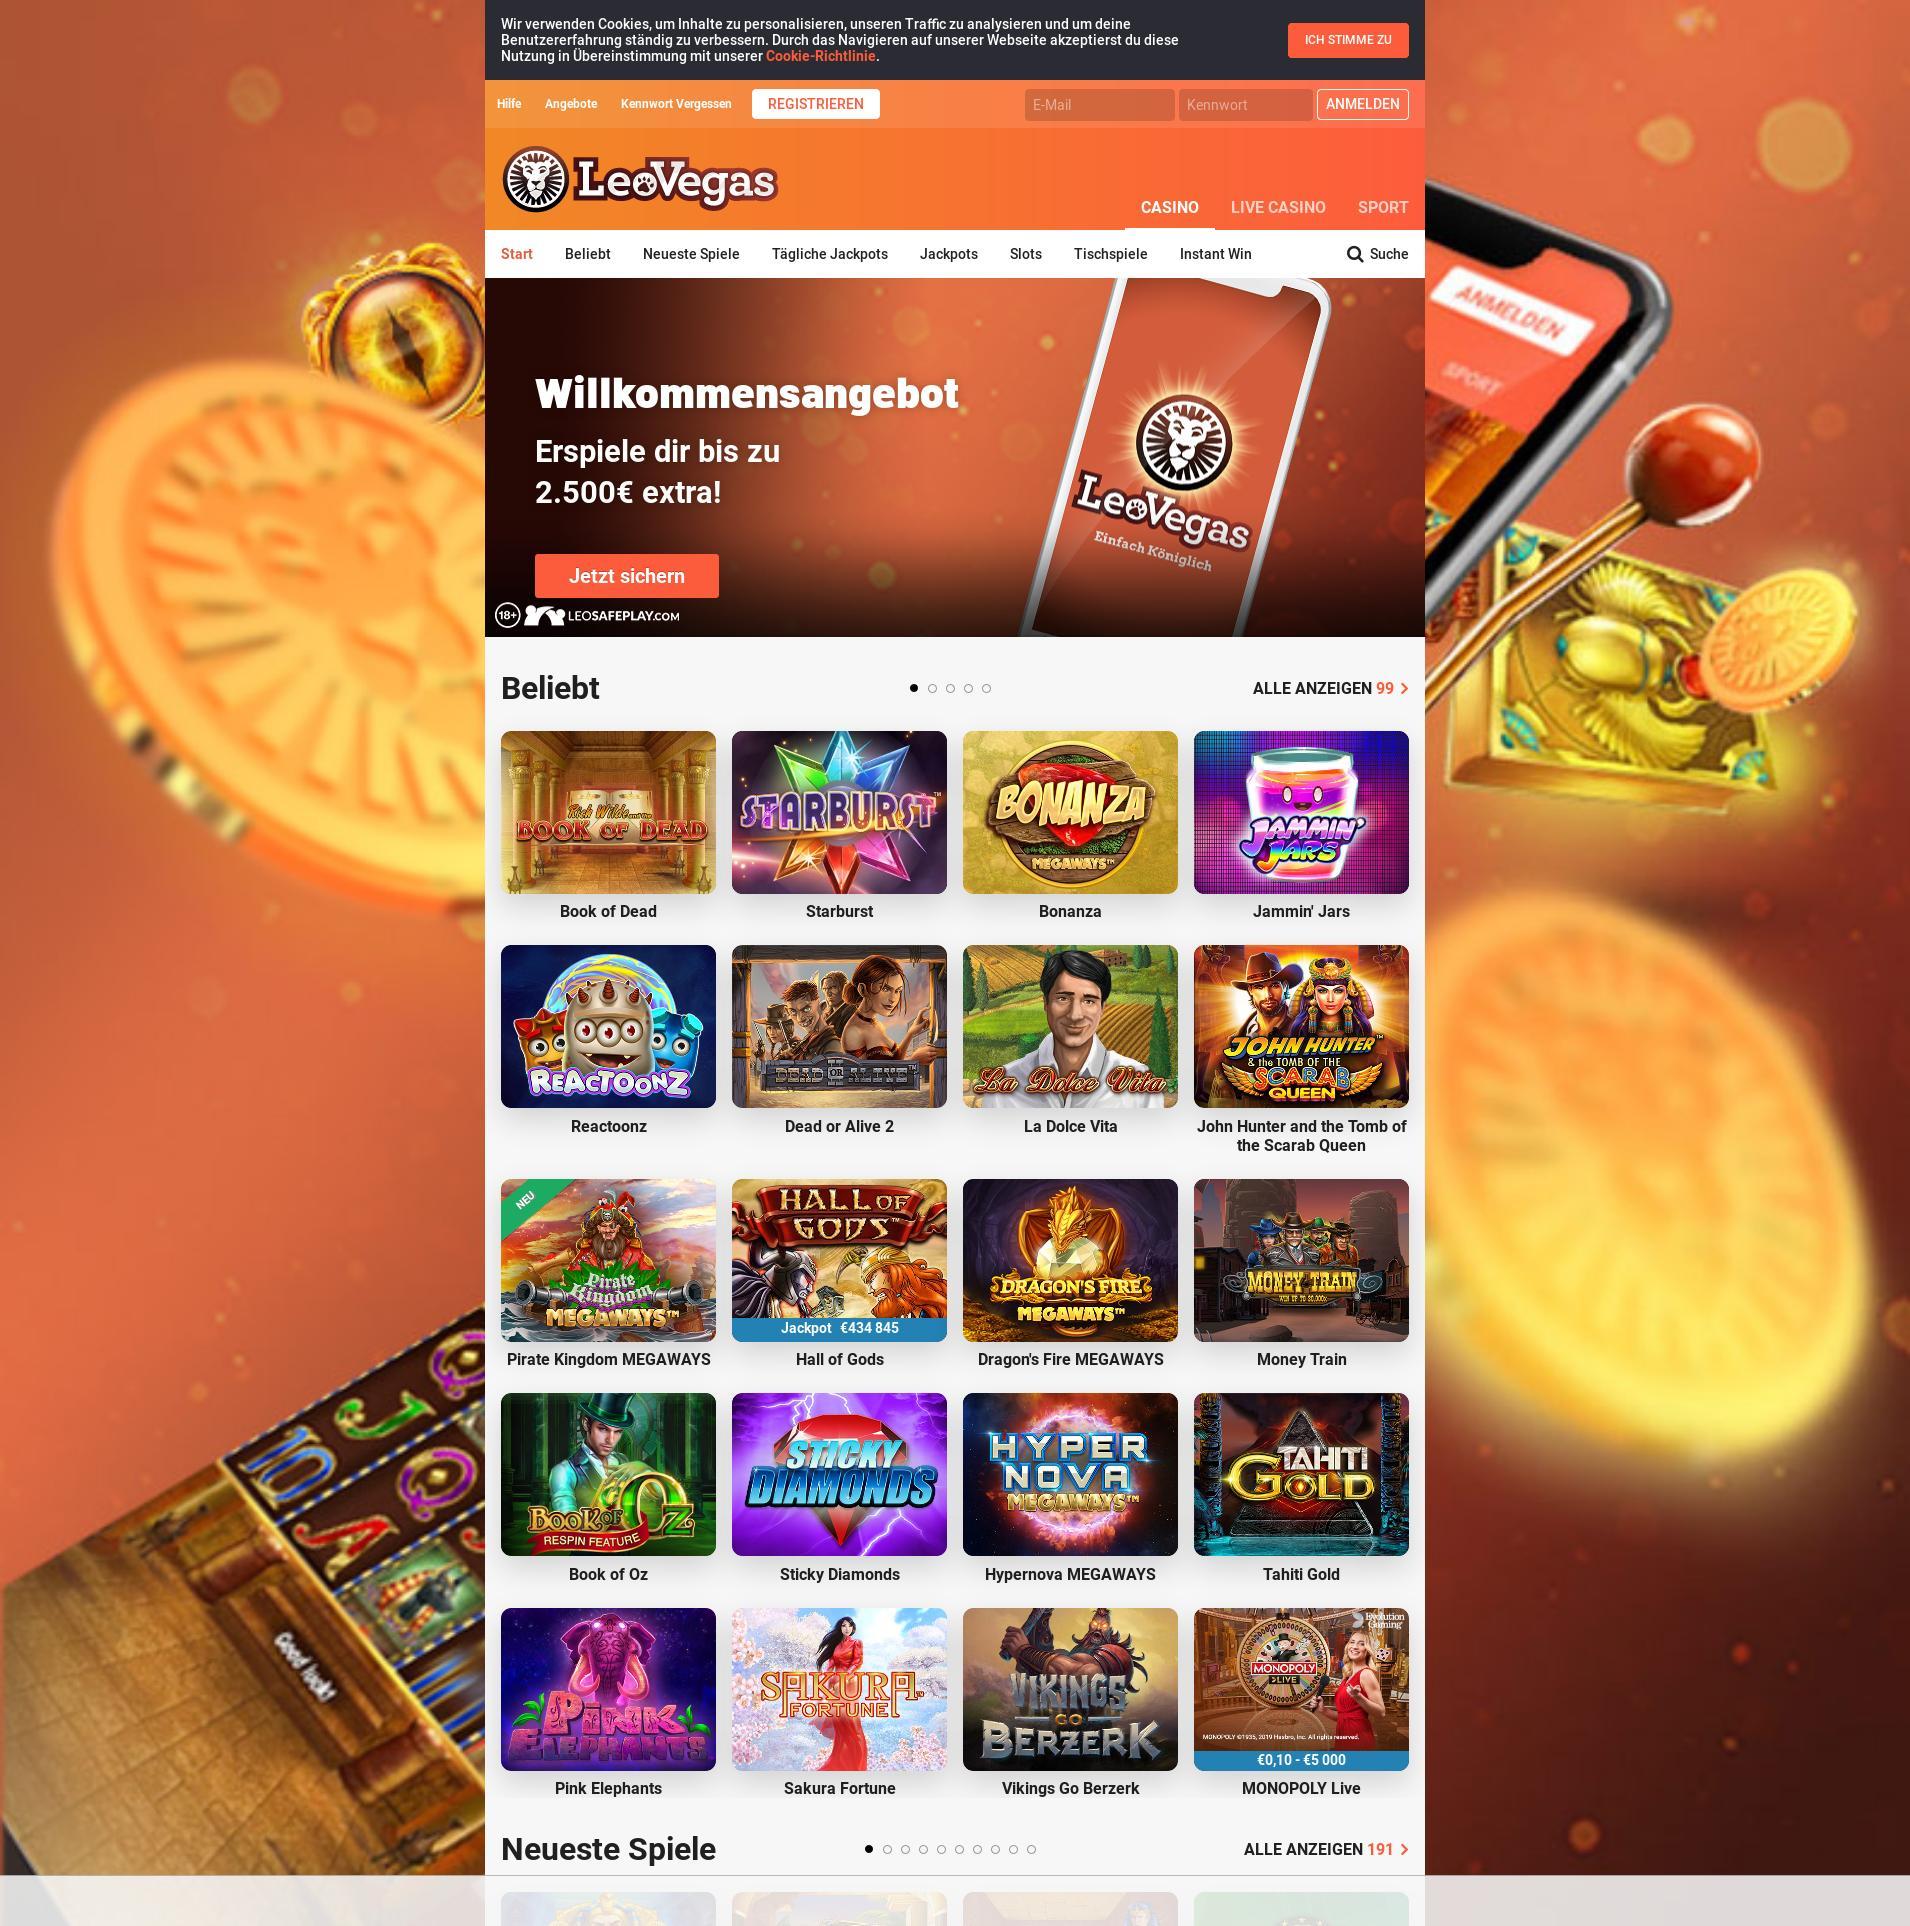 Casino Bildschirm Lobby 2020-01-21 zum Deutschland